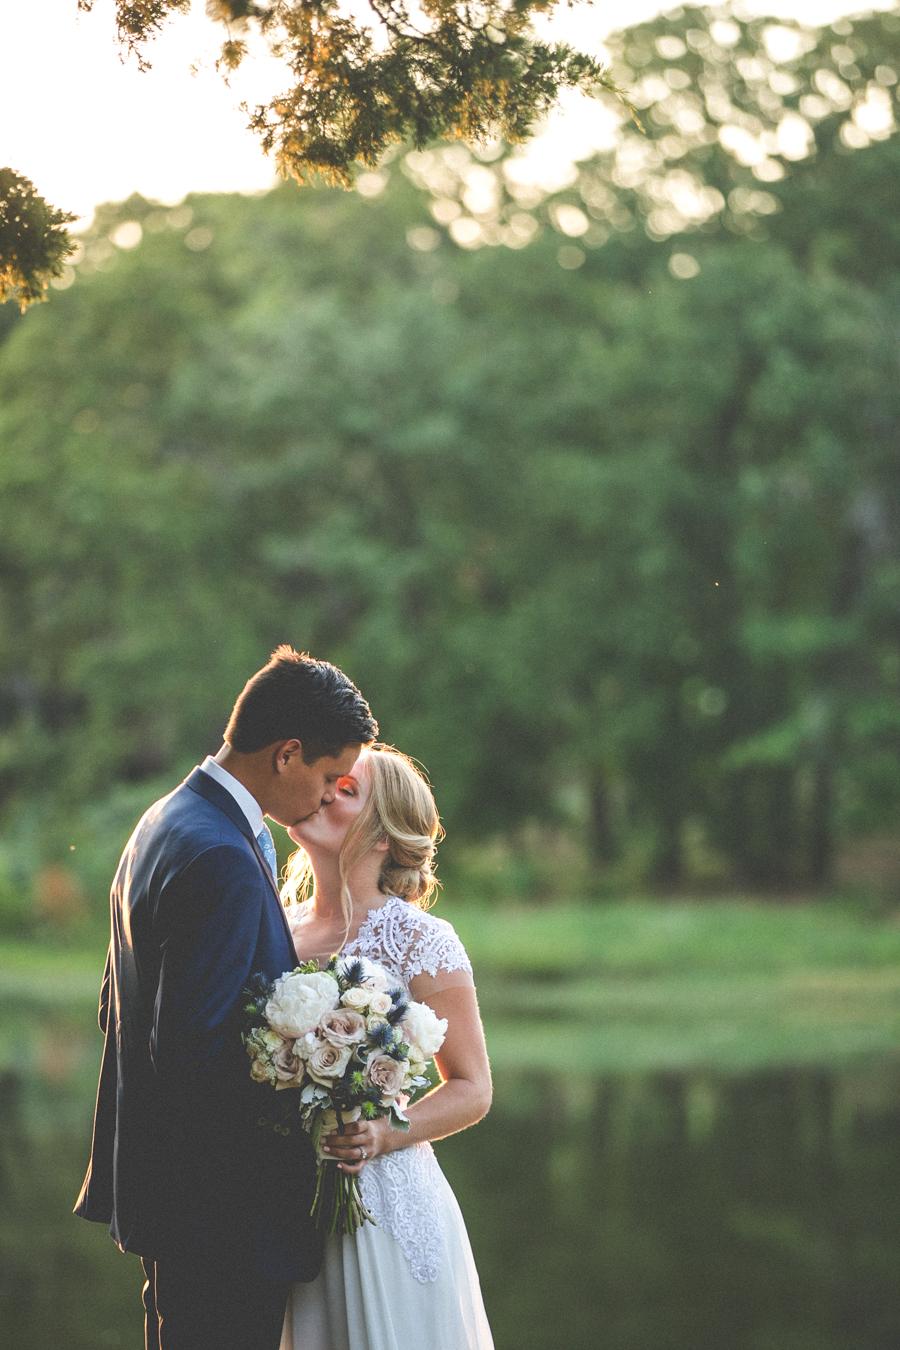 Bradi & James | Tulsa Wedding Photography | BlogBradi & James | Tulsa Wedding Photography | Blog-1-28